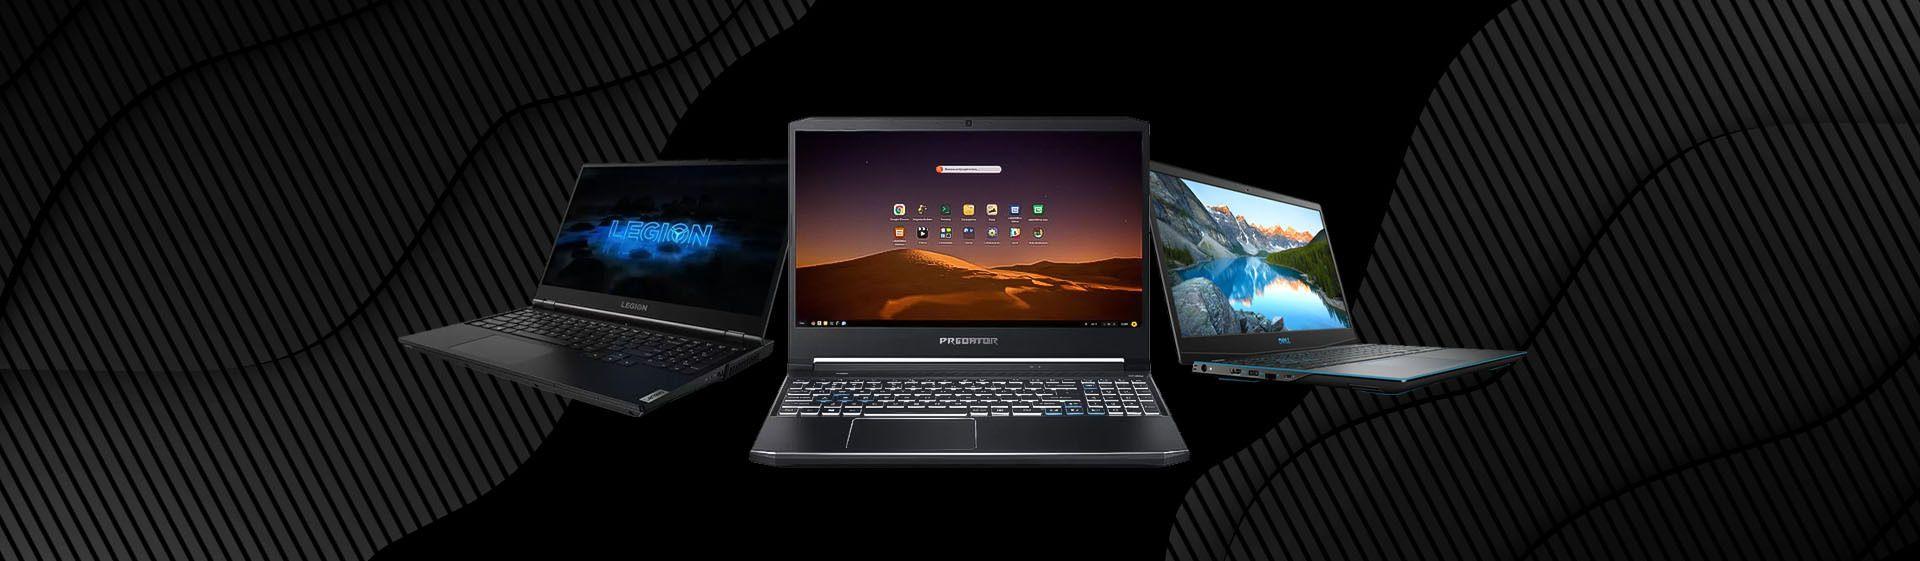 Melhor notebook RTX 2060: 5 modelos com a placa de vídeo poderosa